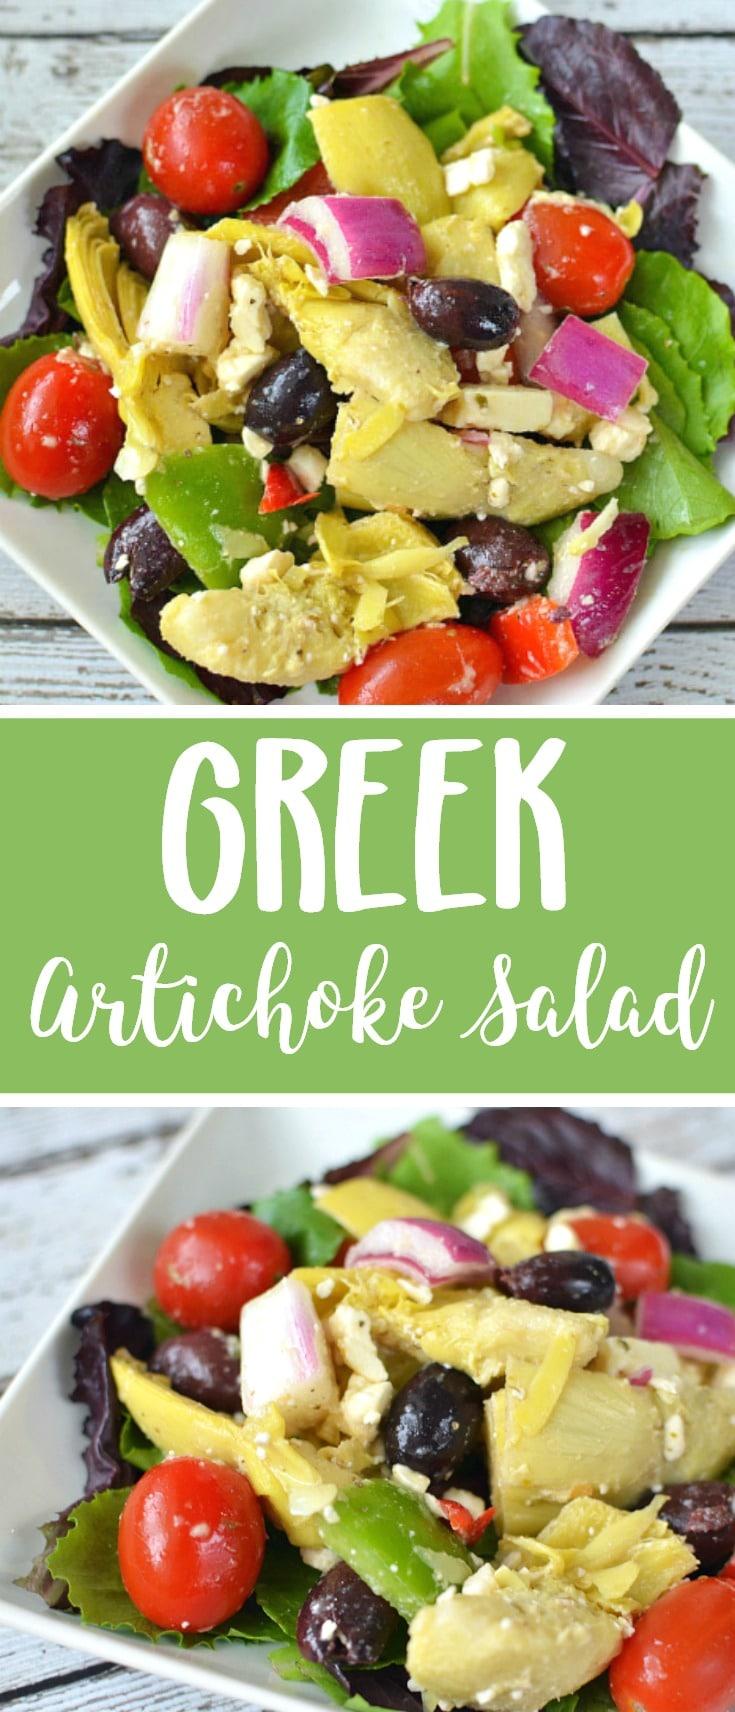 greek artichoke salad recipe